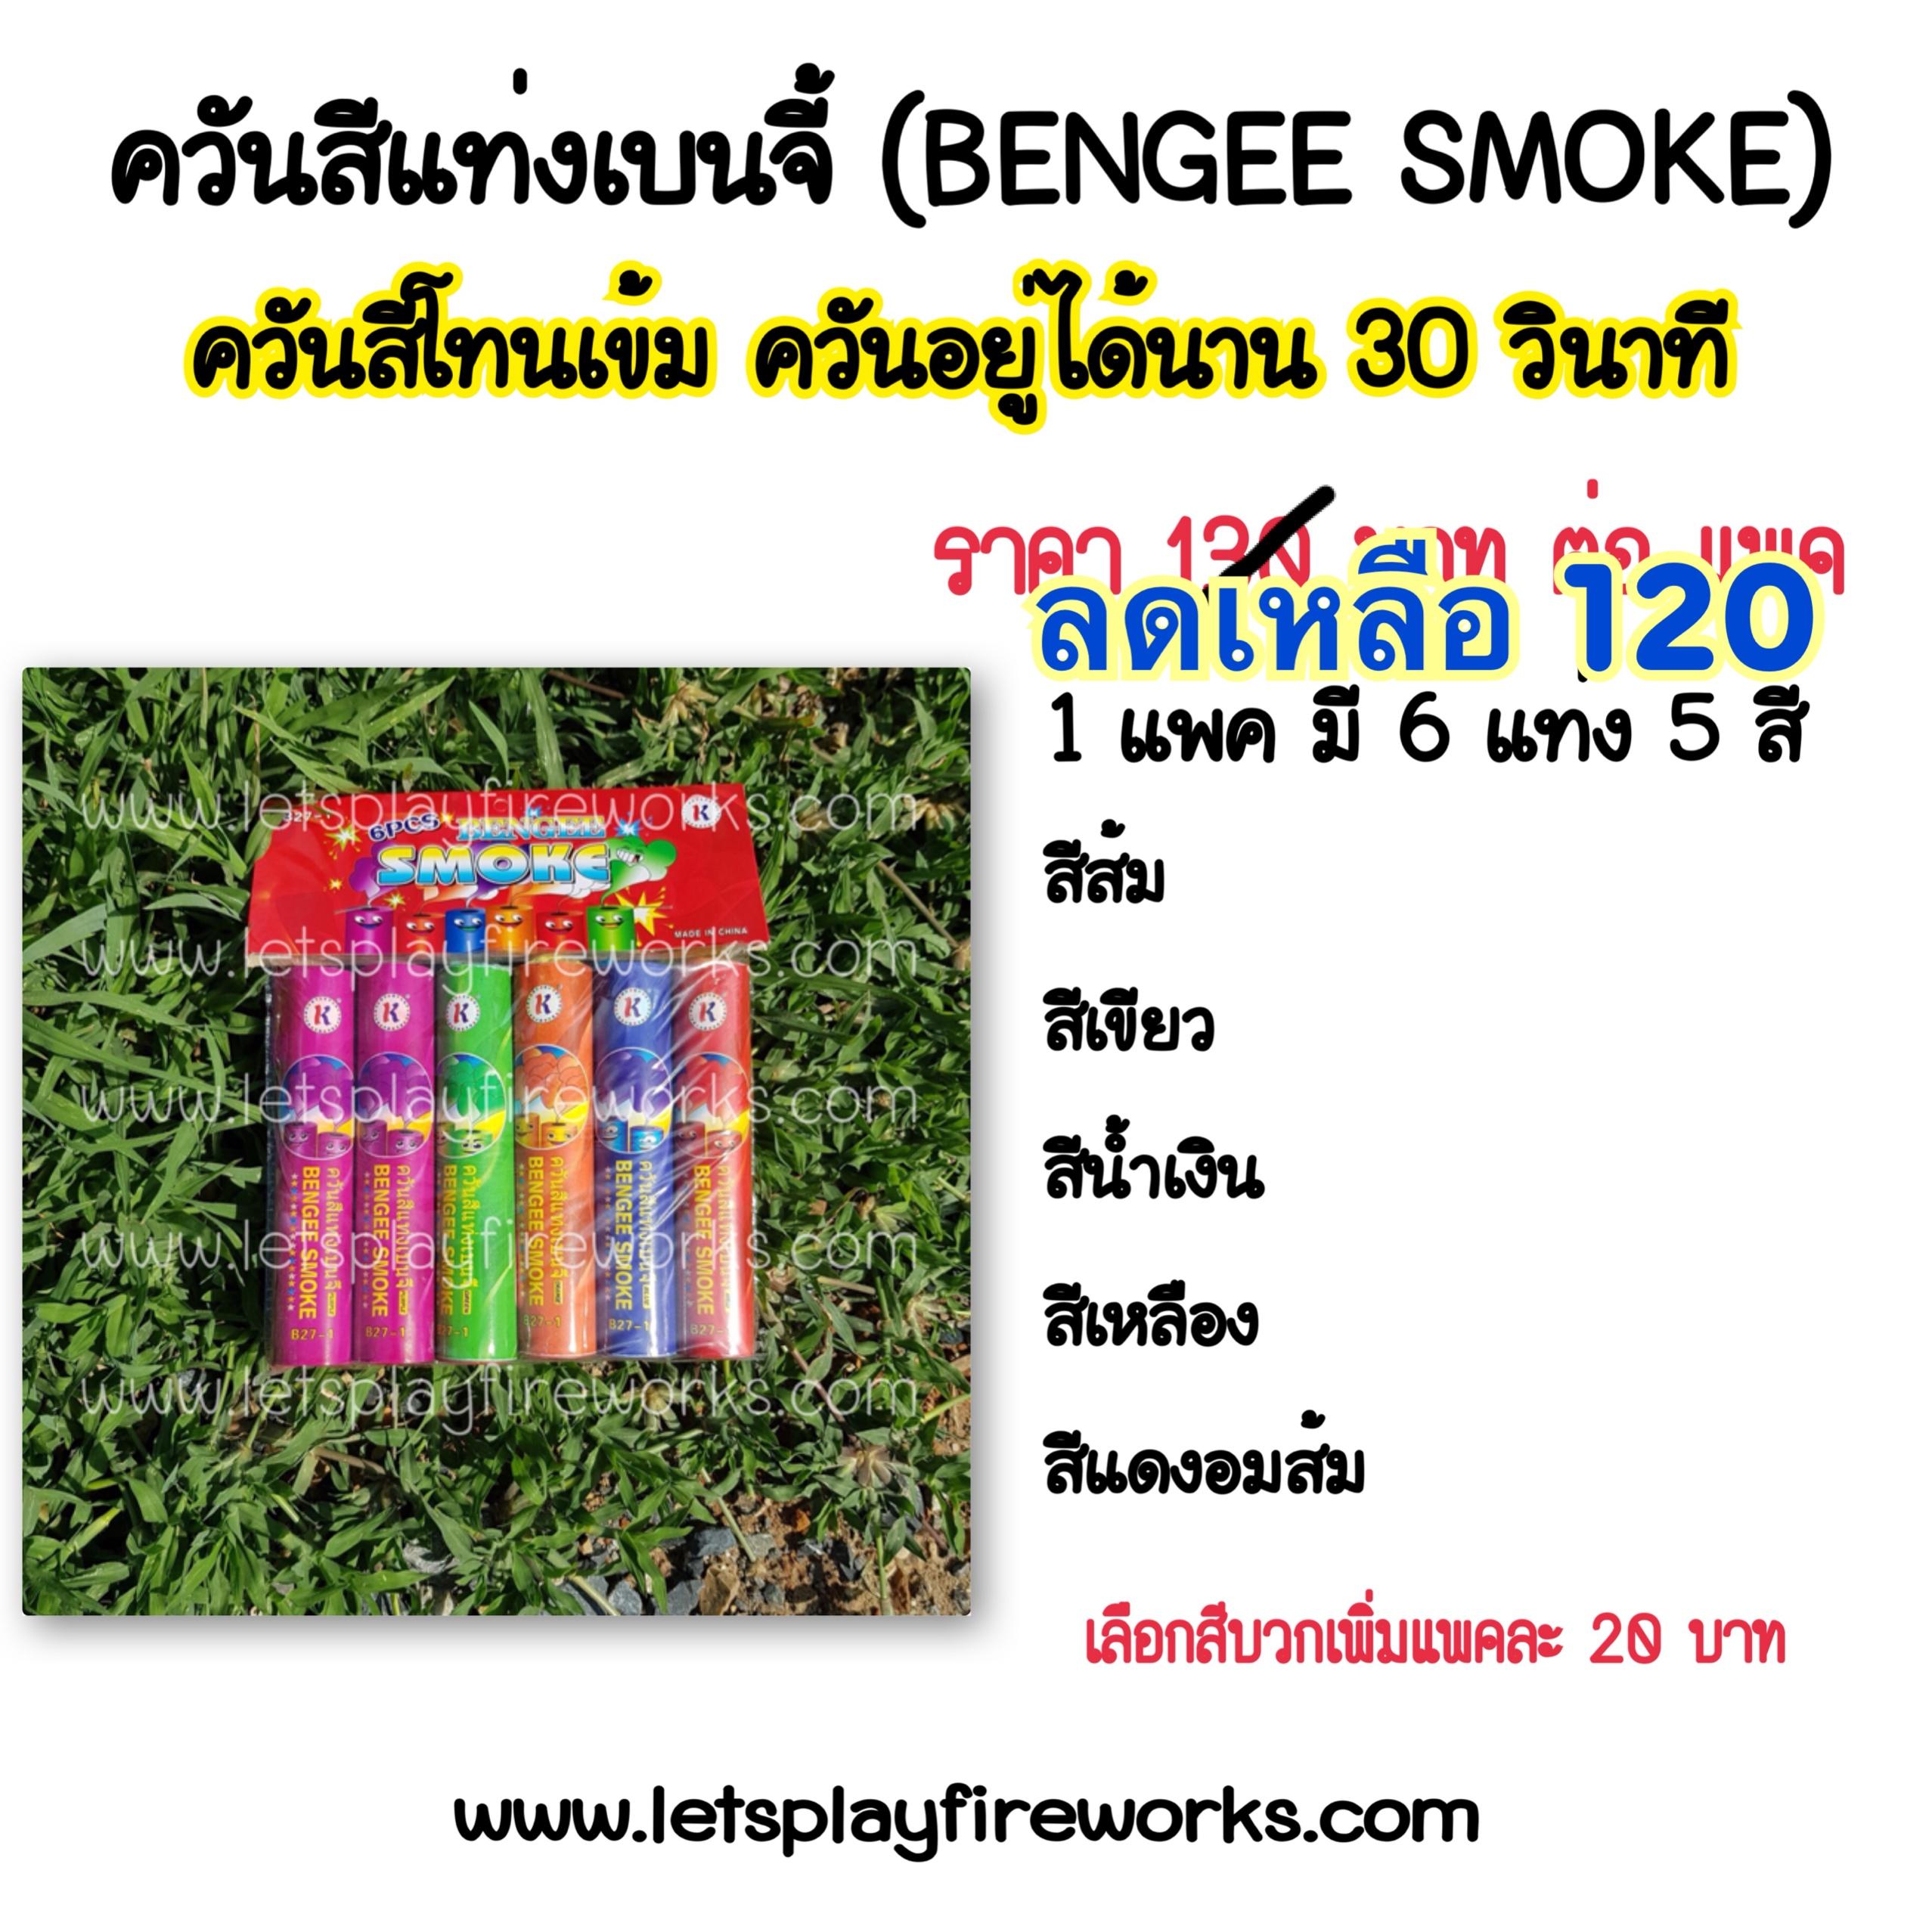 ควันสี แท่ง เบนจี้ BENGEE SMOKE SMOKEBOMB 30 วินาที